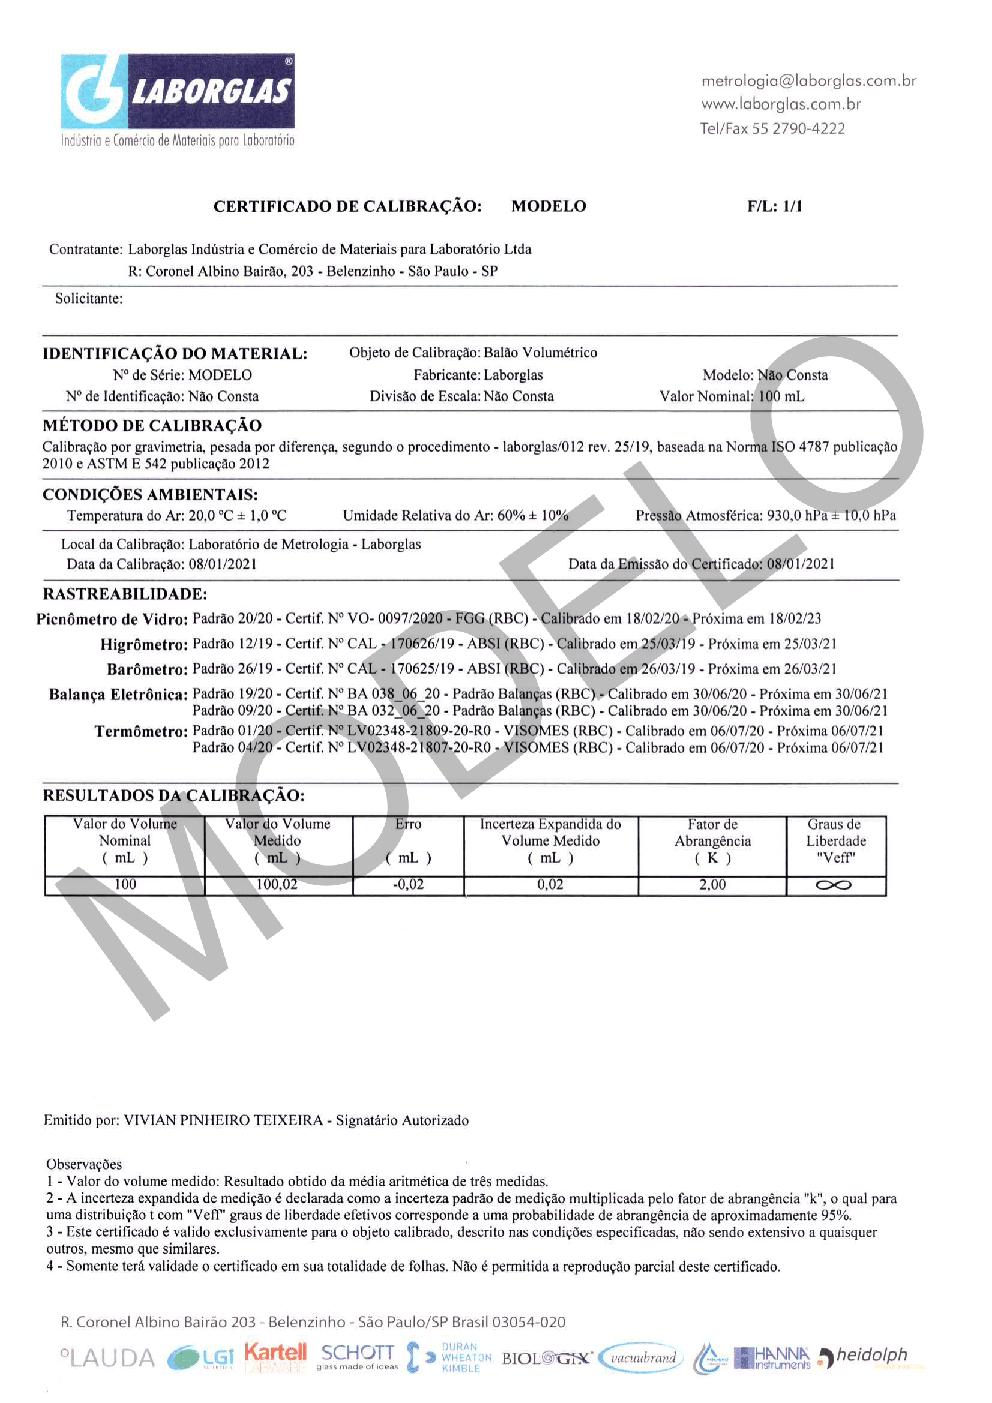 BALÃO VOLUMÉTRICO CLASSE A ROLHA POLI C/ CERTIFICADO RASTREÁVEL 200 ML - Marca Laborglas - Cód. 9167832-C